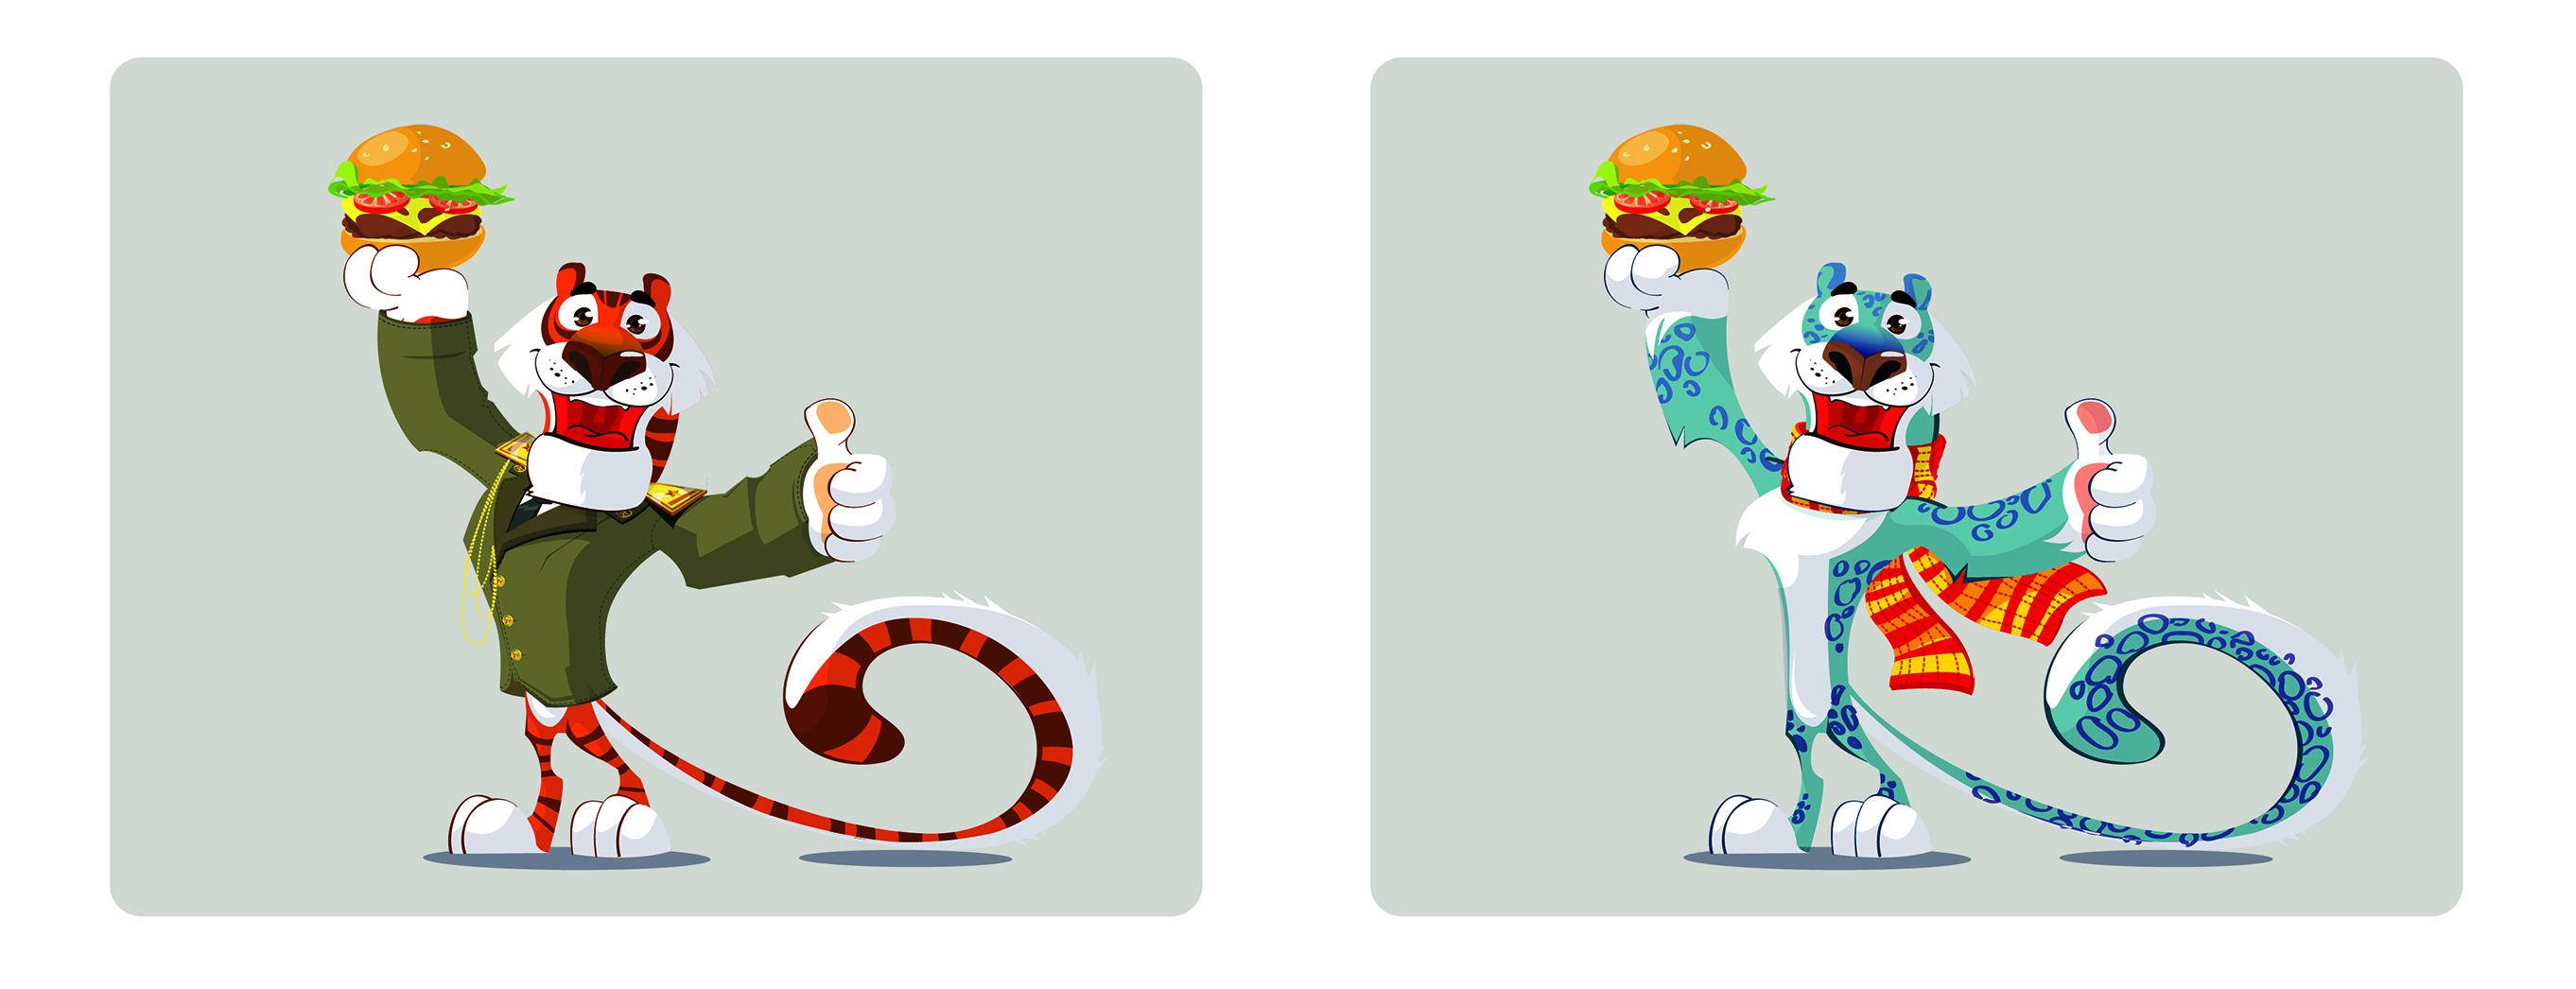 Разработка персонажа фото f_93059a83c9e3d9b5.jpg